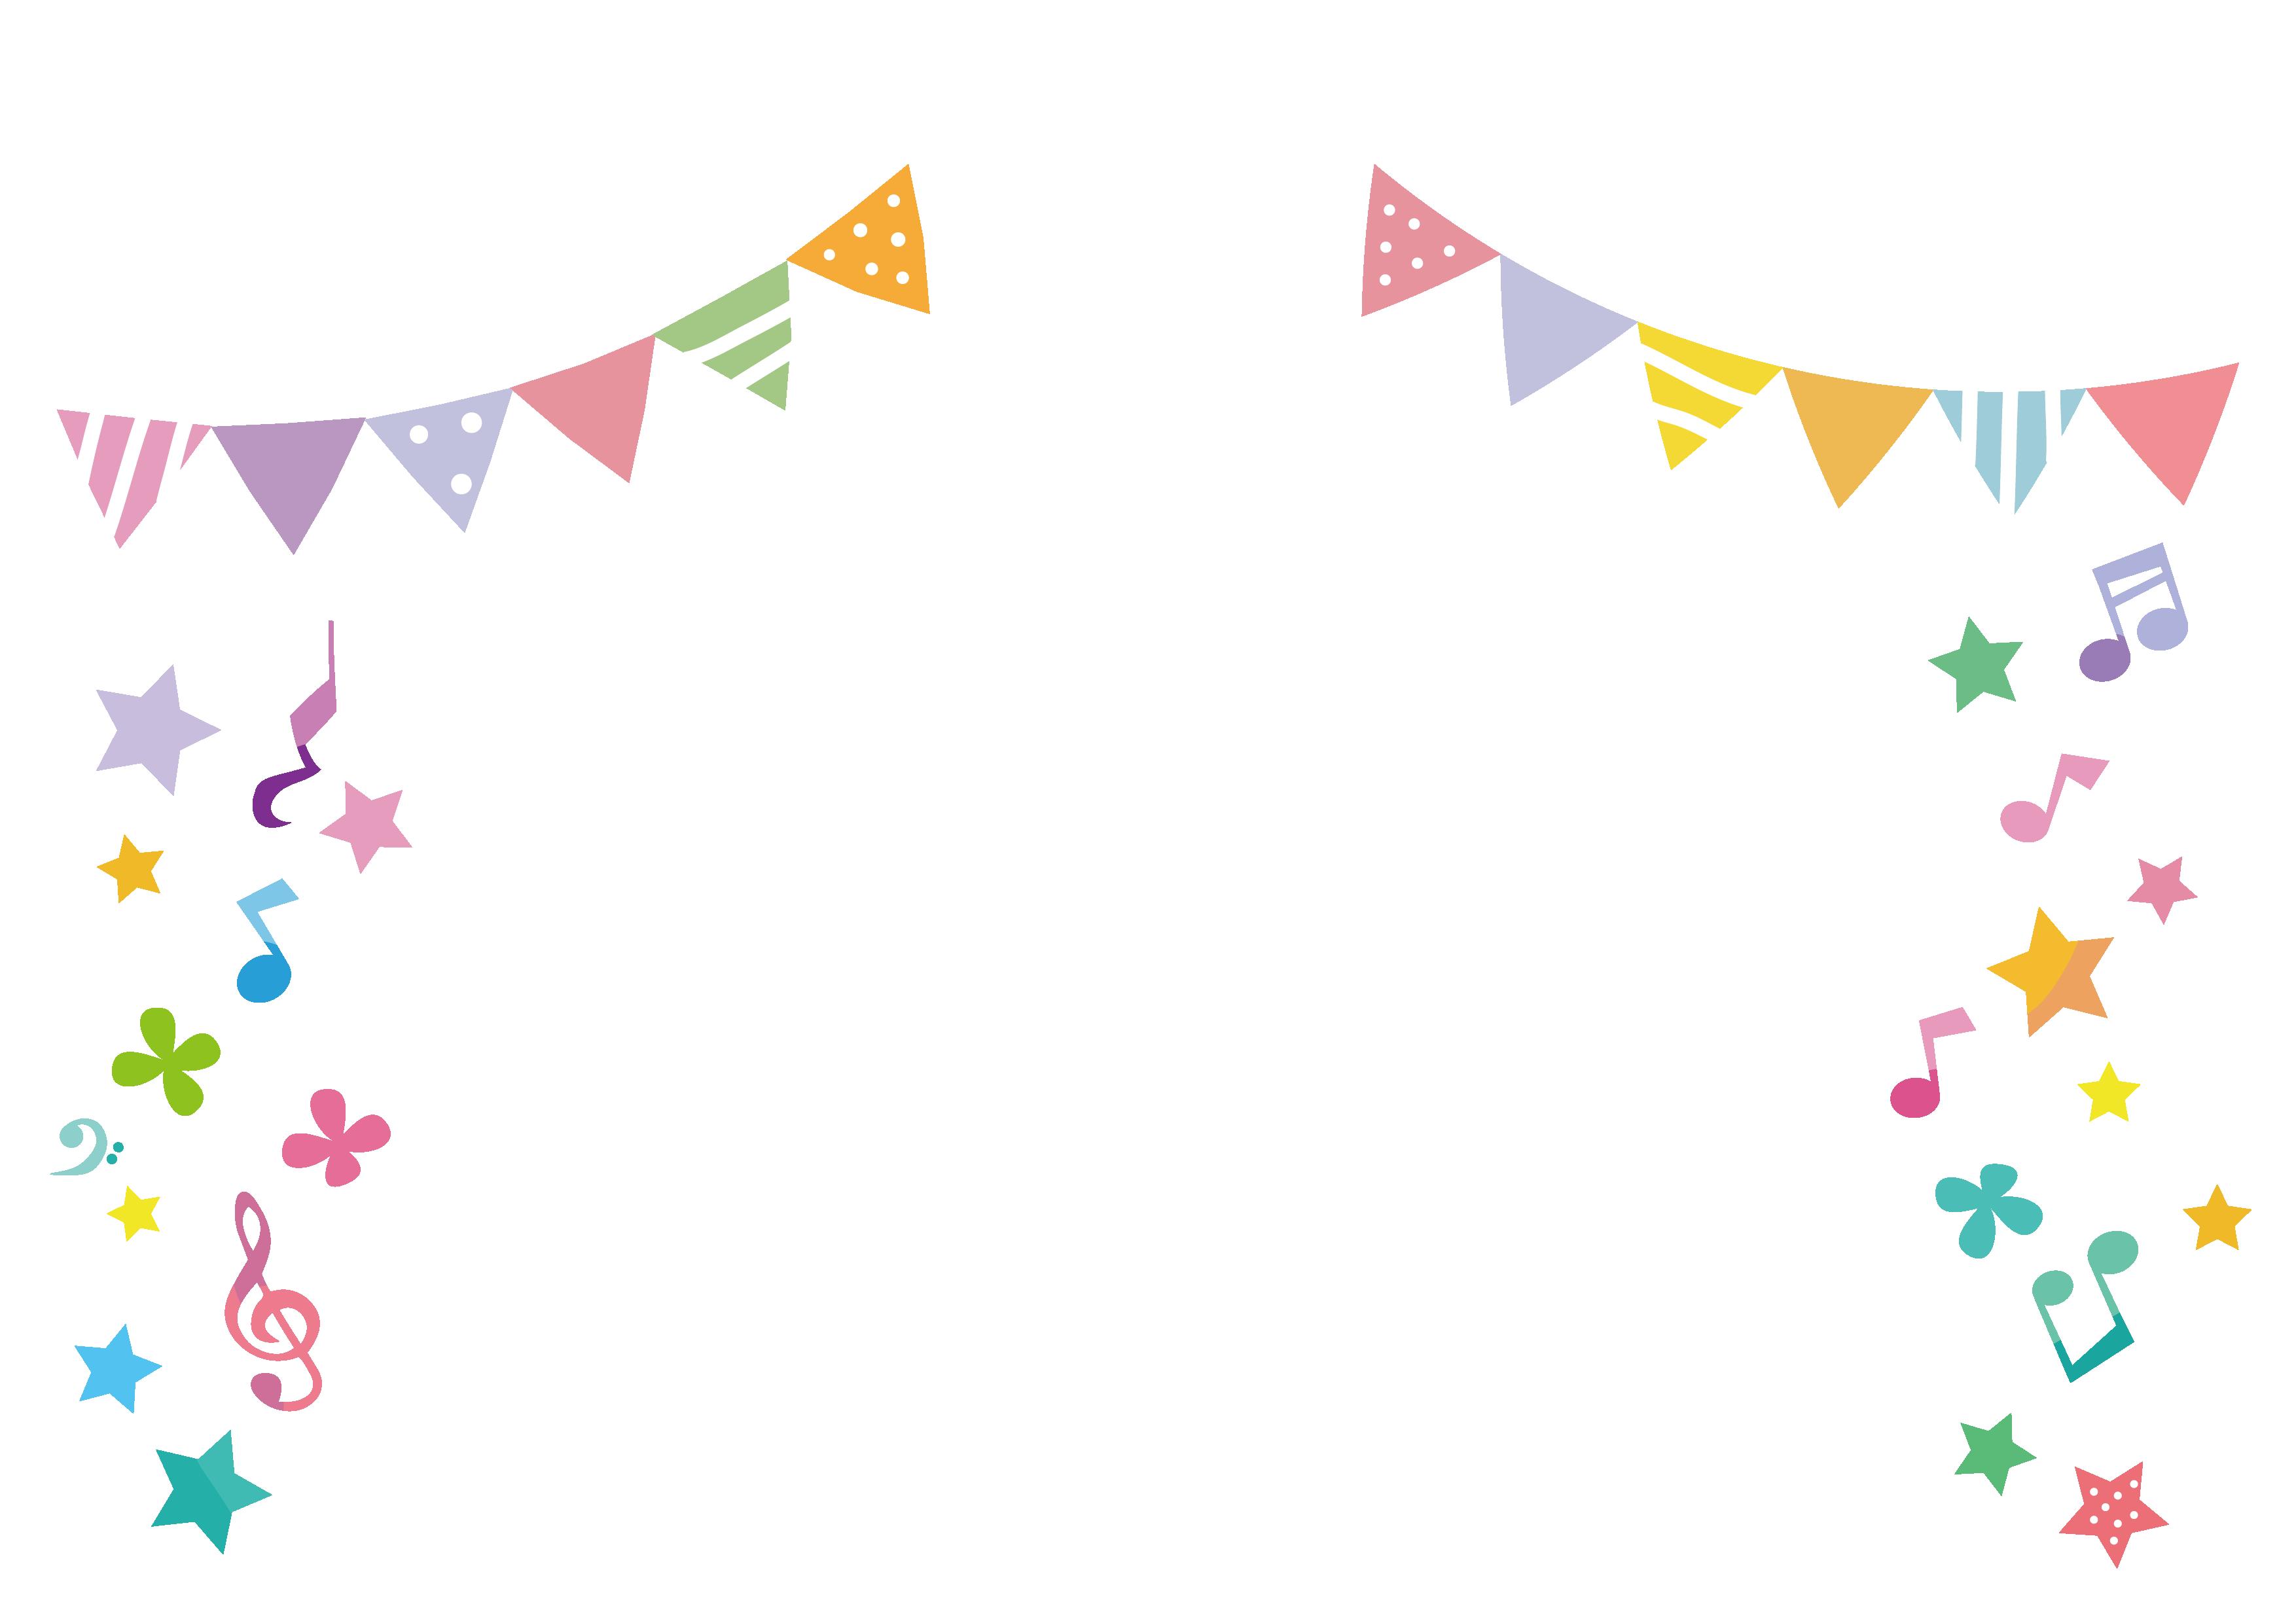 ガーランドと音符のフレーム 手作りカード アイデア 誕生日表